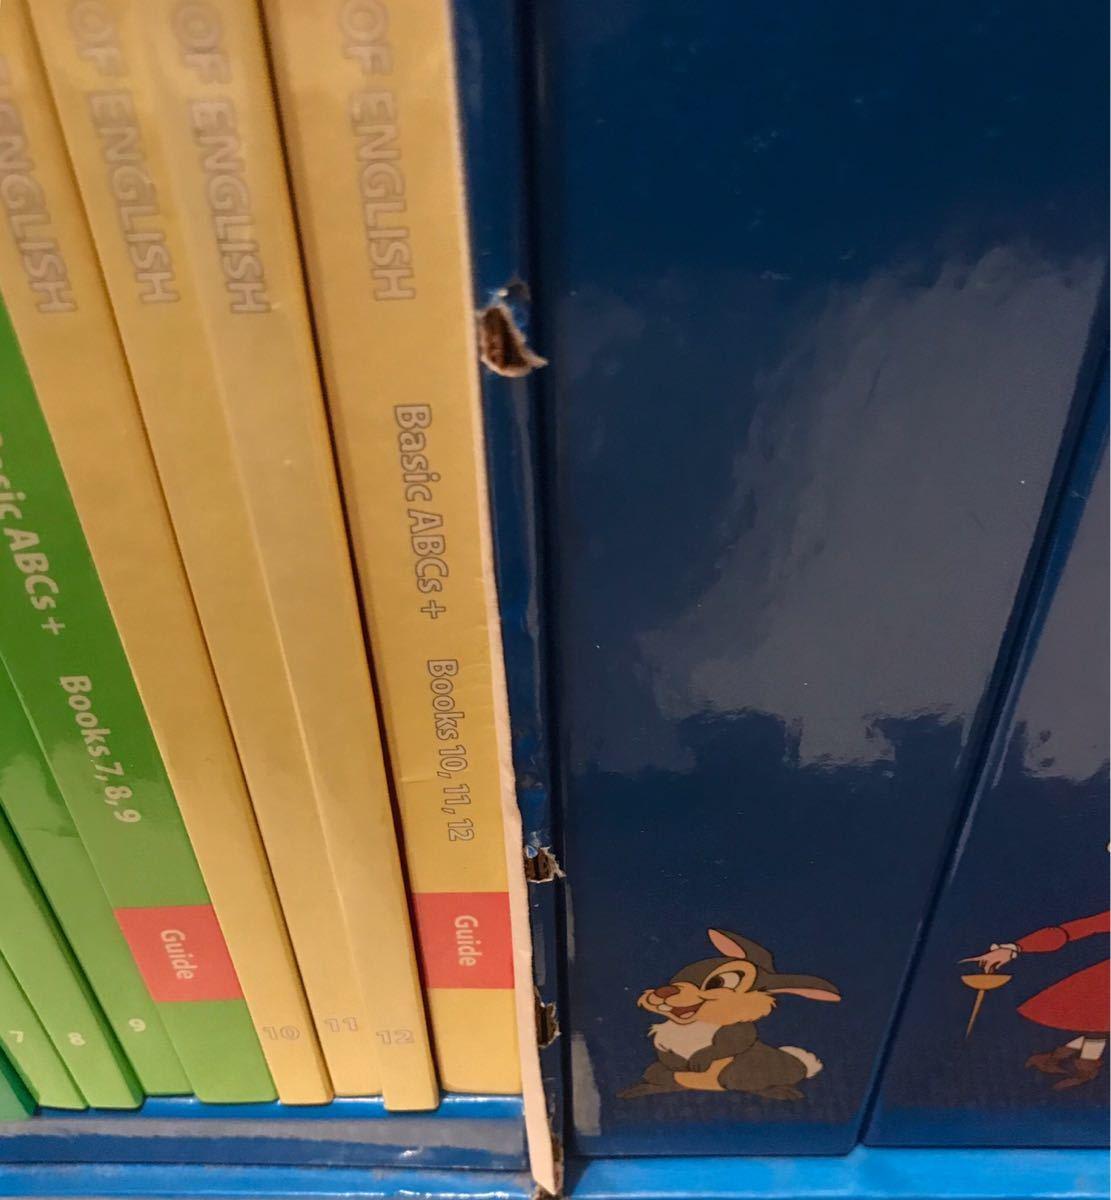 019 ジャンク ワールドオブイングリッシュ ディズニー英語システム 知育 Disney's world of English DVD CD 未開封有 勉強 教材_画像5